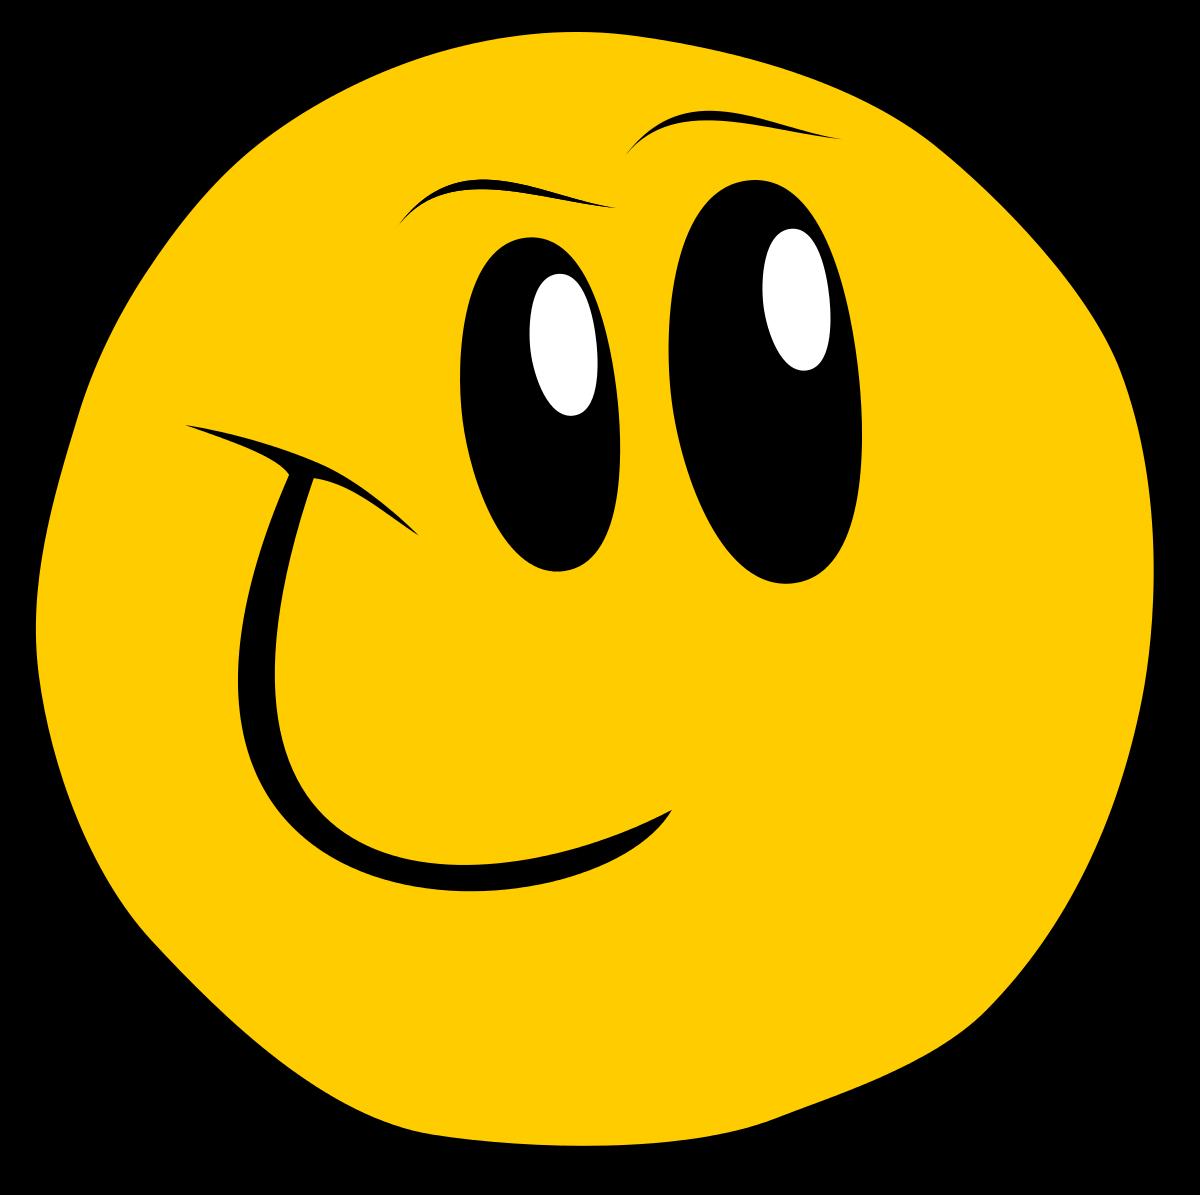 1200x1195 Smile Clip Art Images